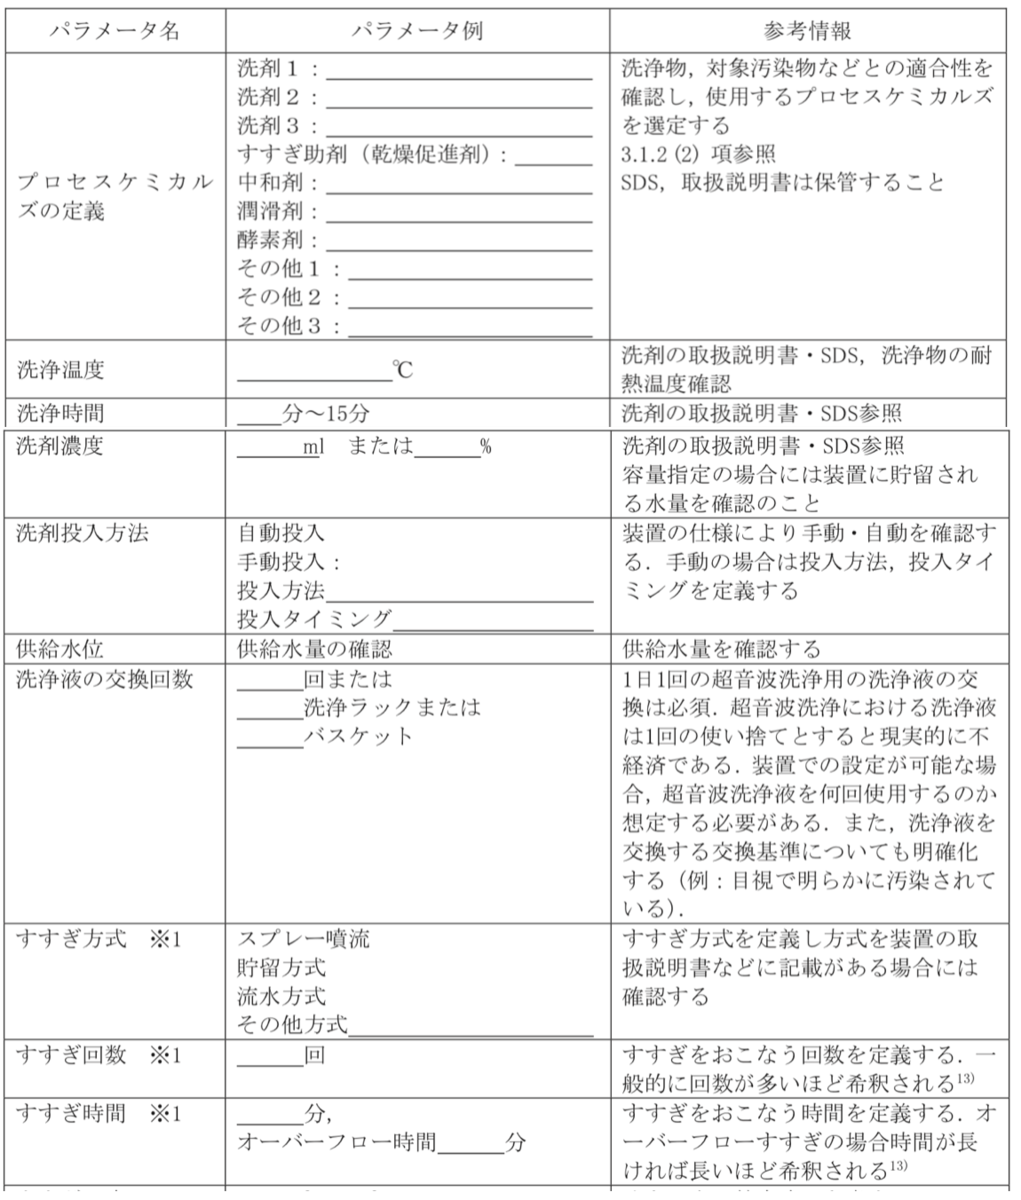 超音波洗浄  洗浄条件 設定 チェックリスト